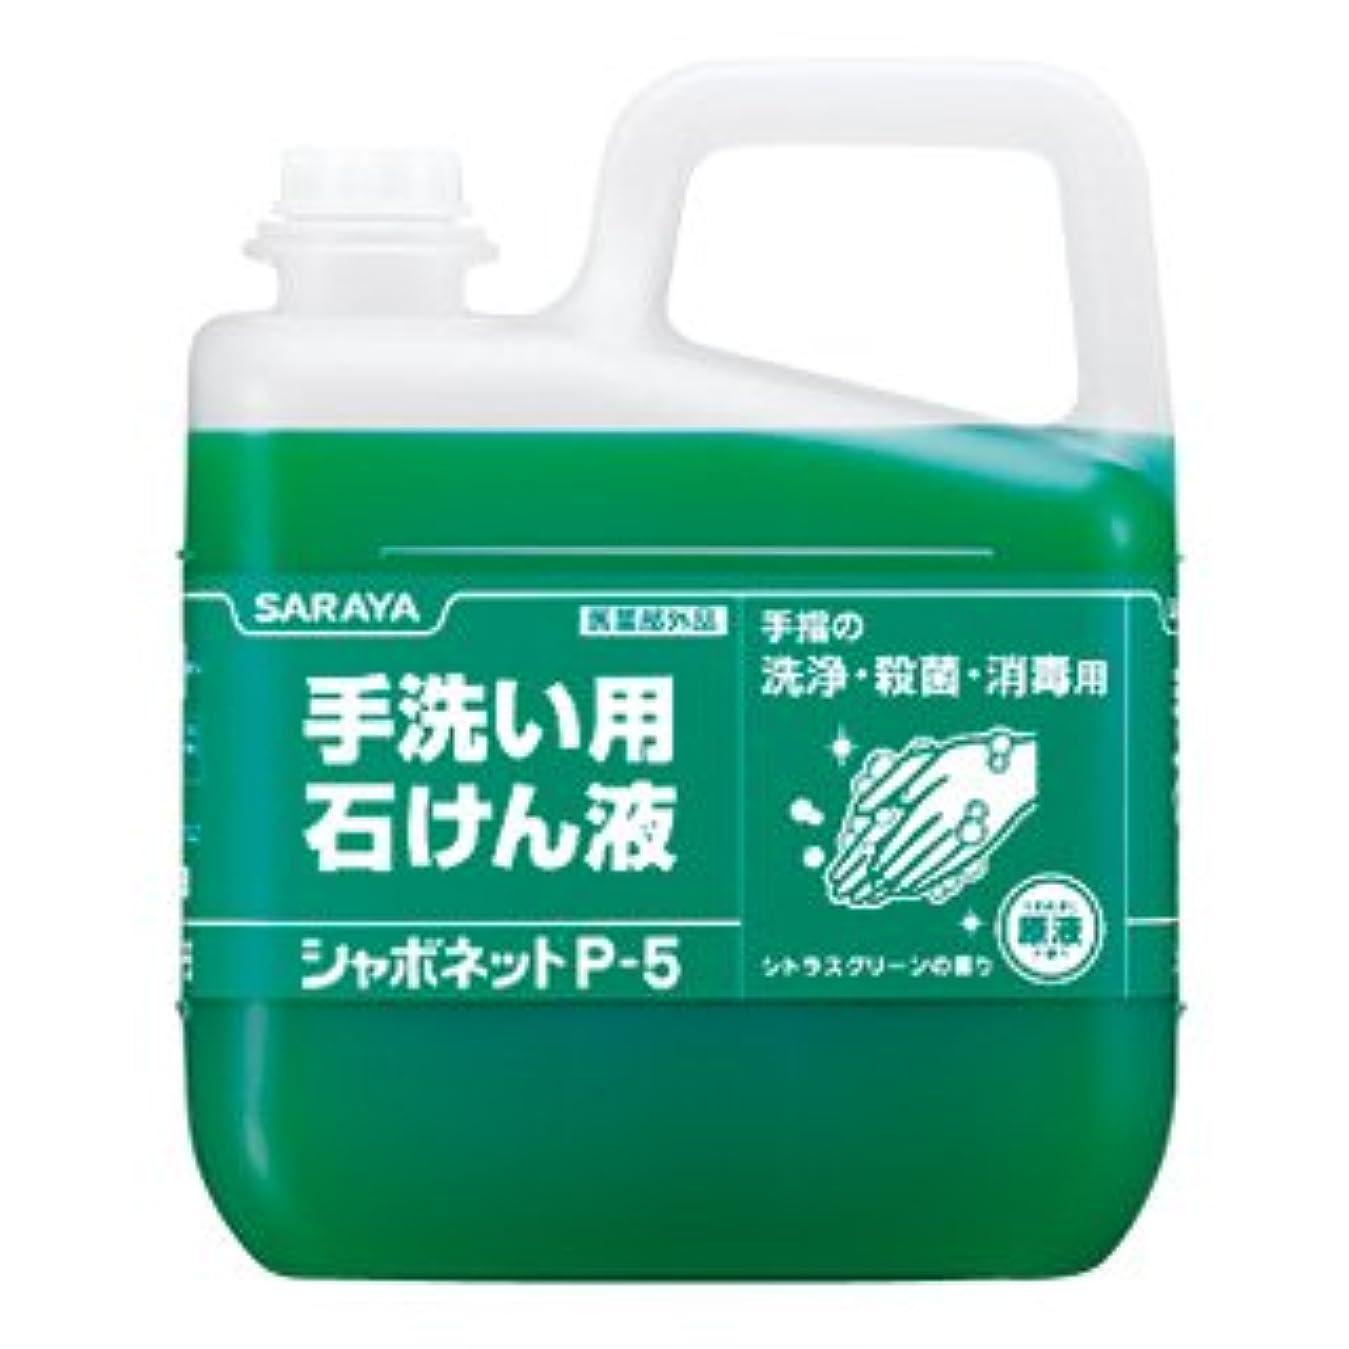 メタルライン松ネストサラヤ シャボネット P-5 5kg×3 シトラスグリーンの香り